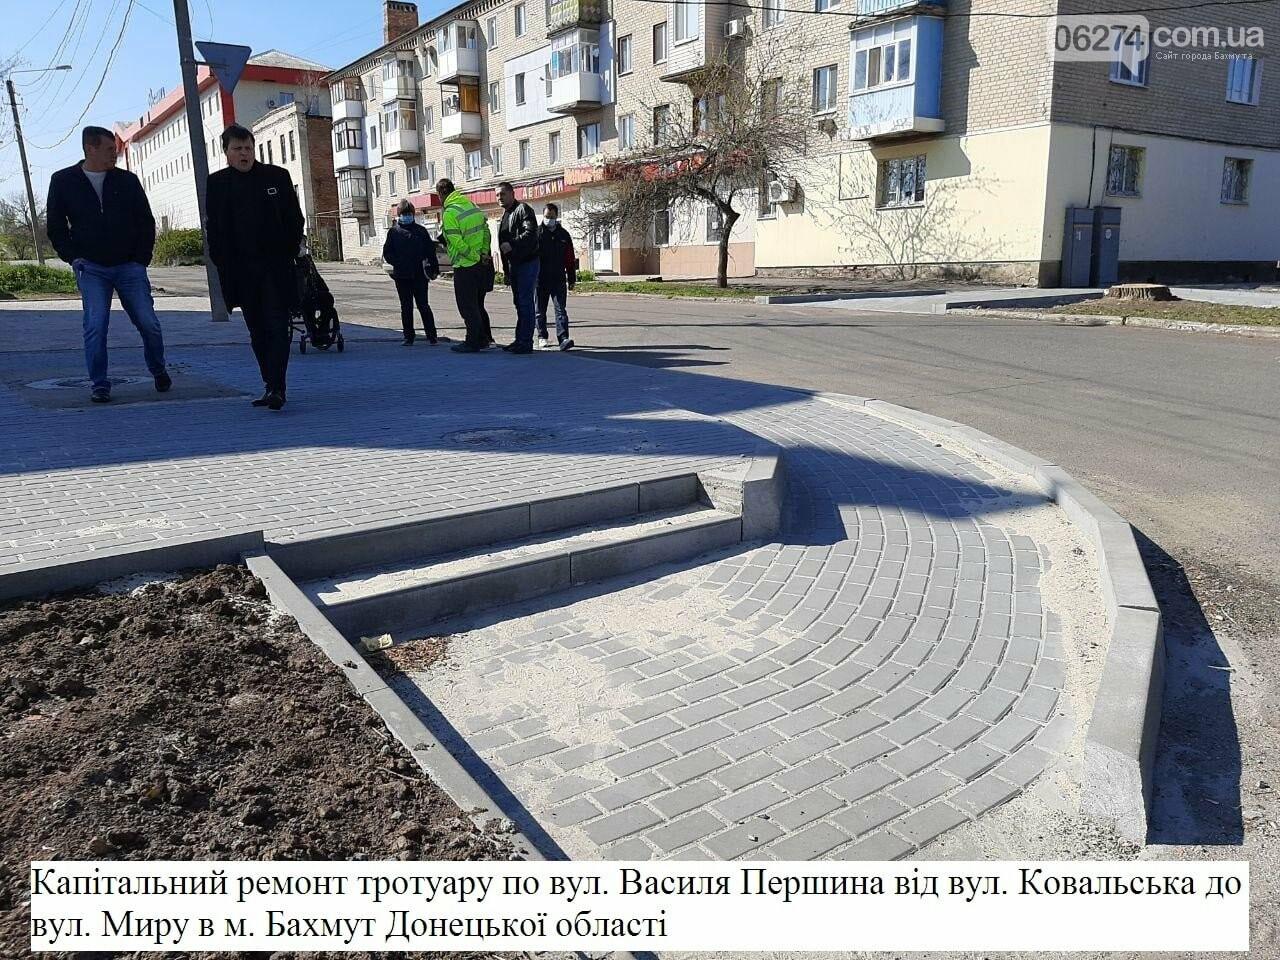 В городе реализованы проекты капитальных ремонтов тротуаров, фото-3